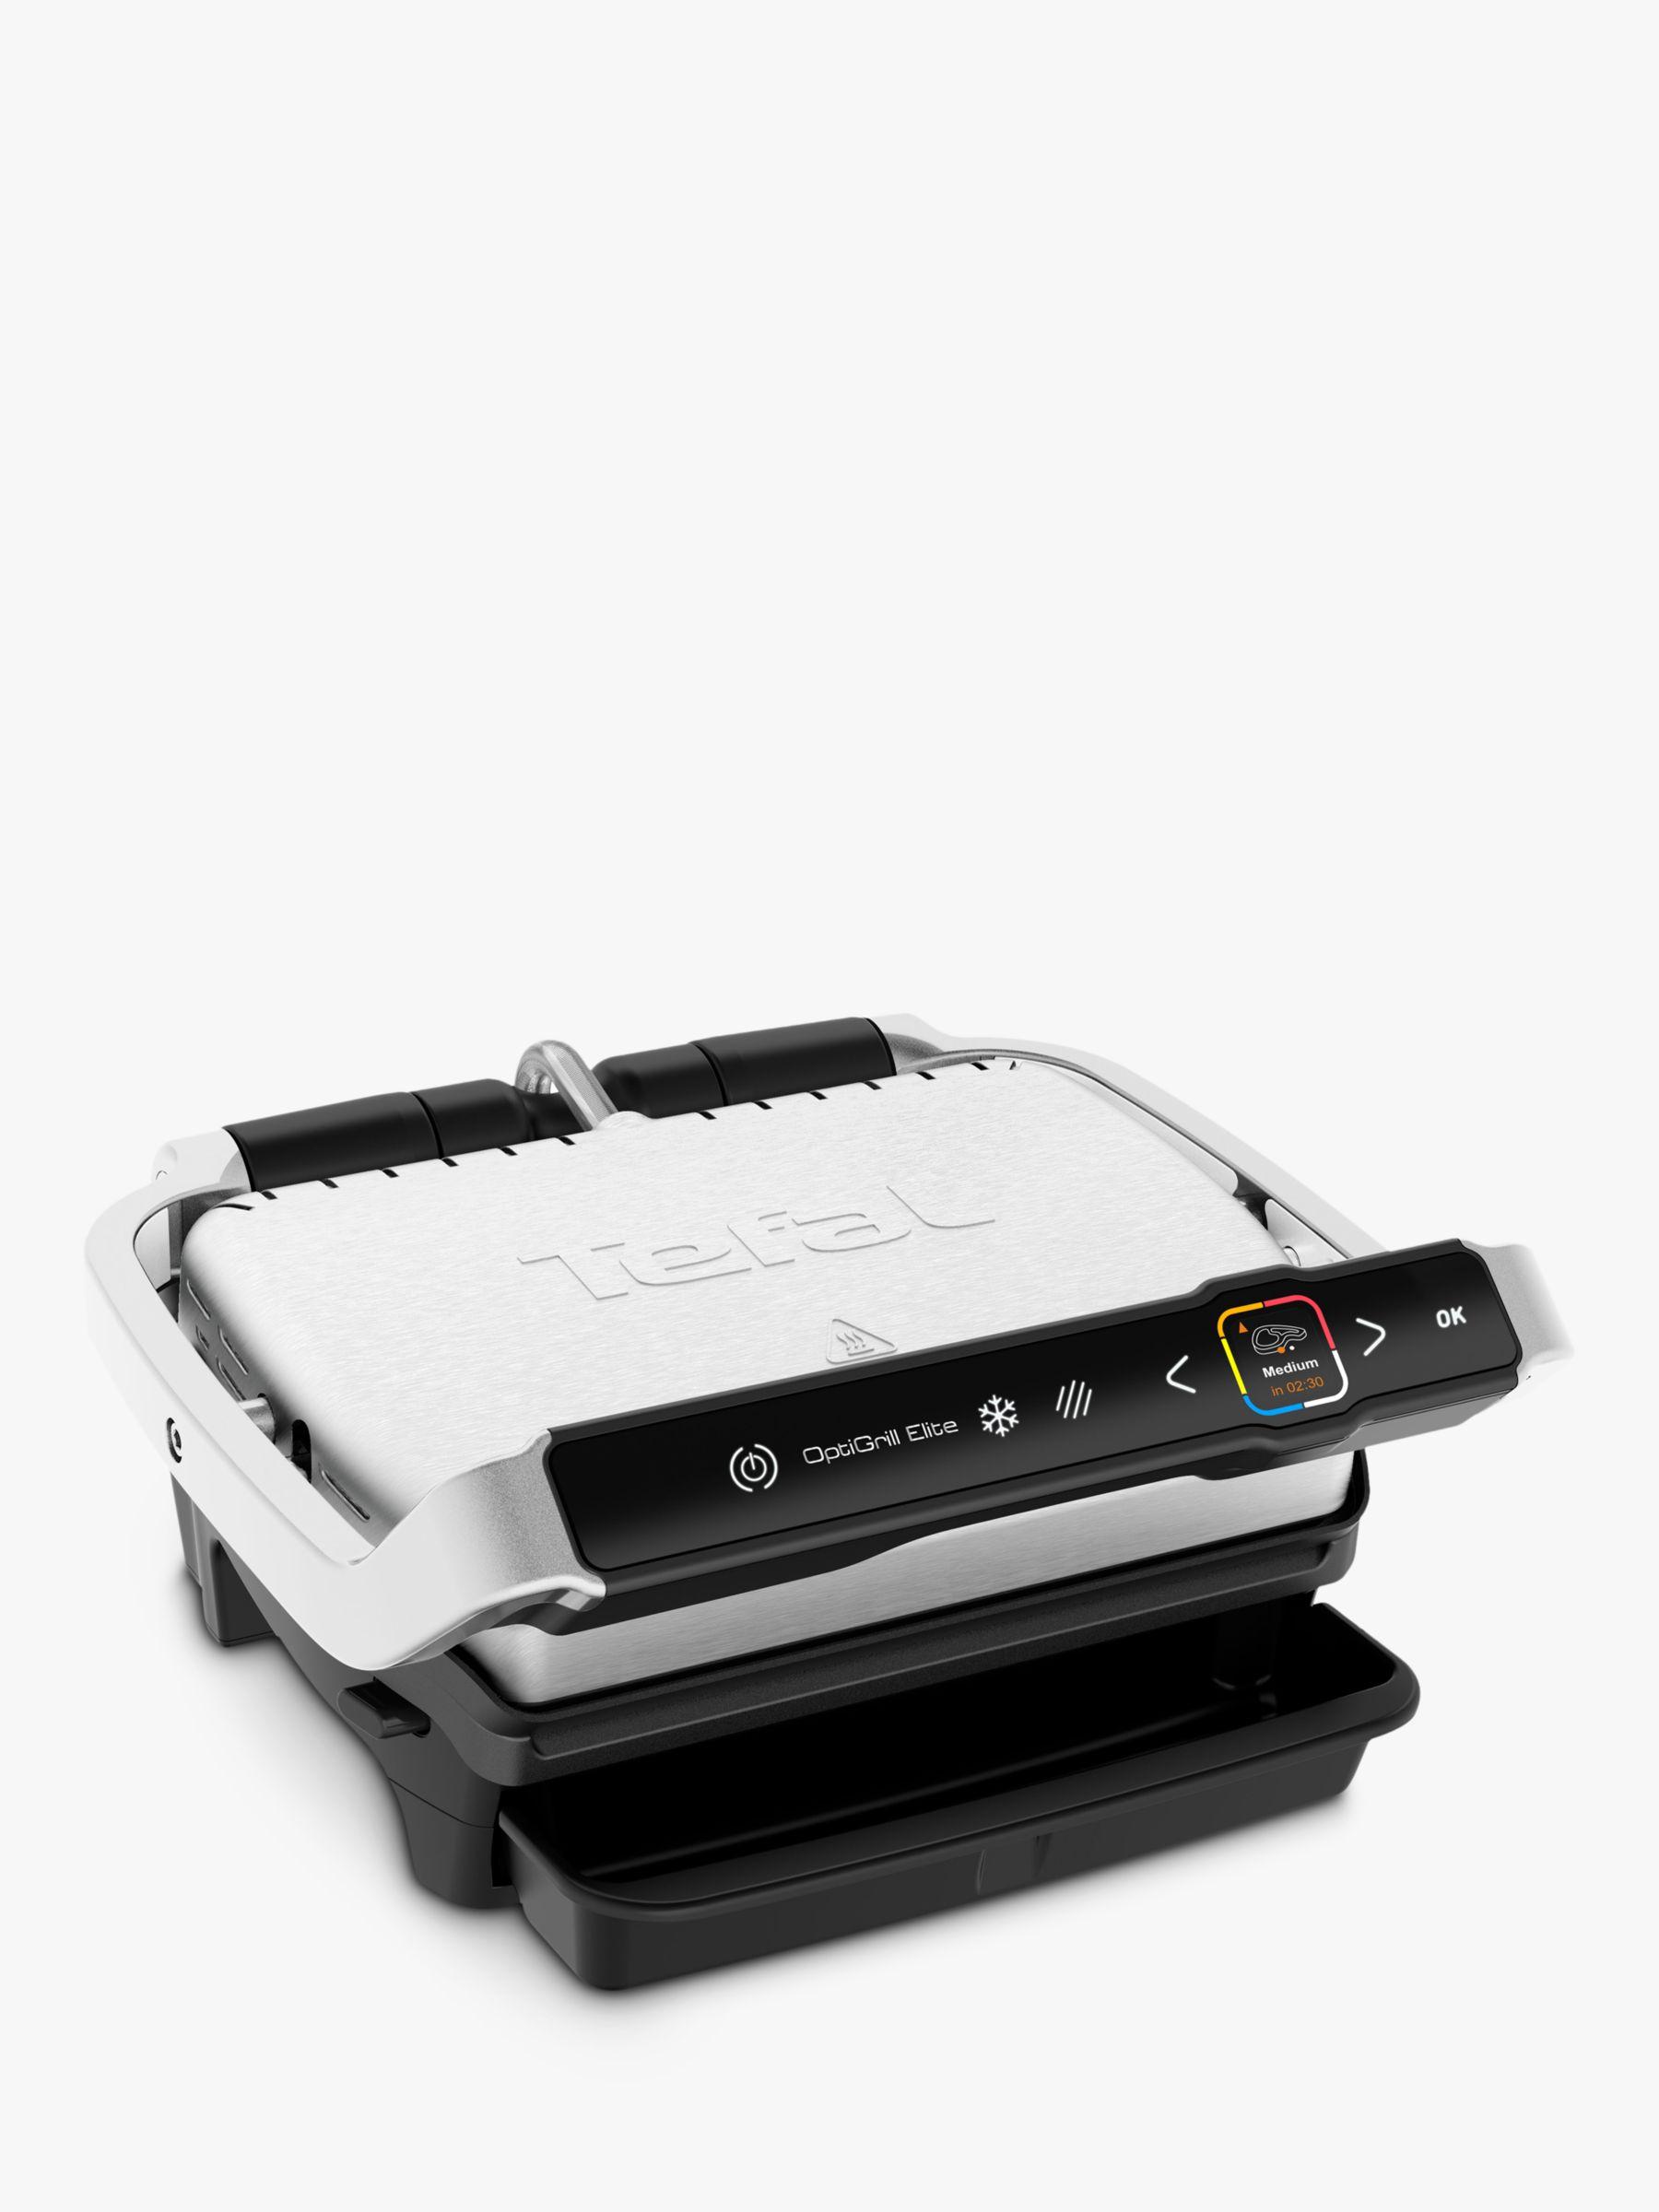 Tefal Tefal GC750D40 Optigrill Elite Worktop Grill